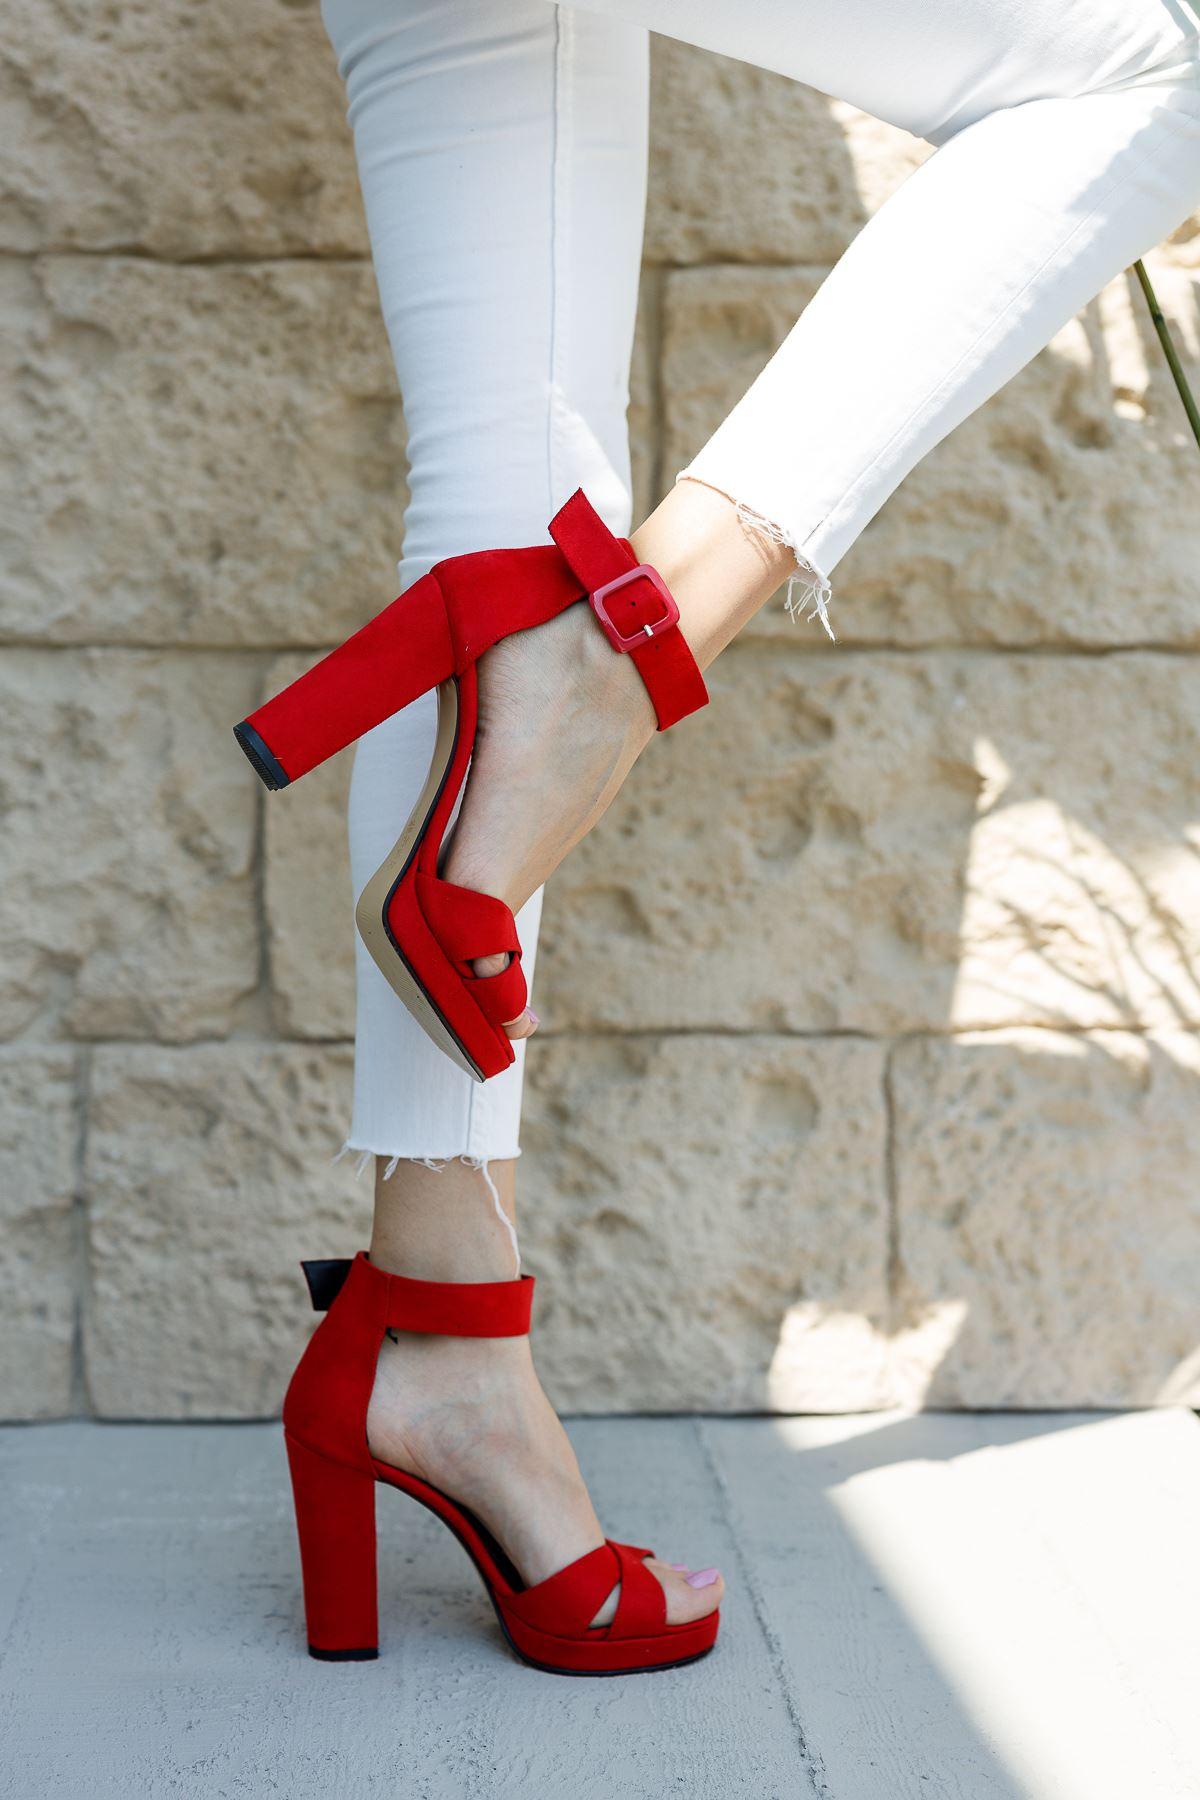 Kadın Loked Yüksek Topuklu Kırmızı Süet Tek Bant Ayakkabı Çapraz Bantlı